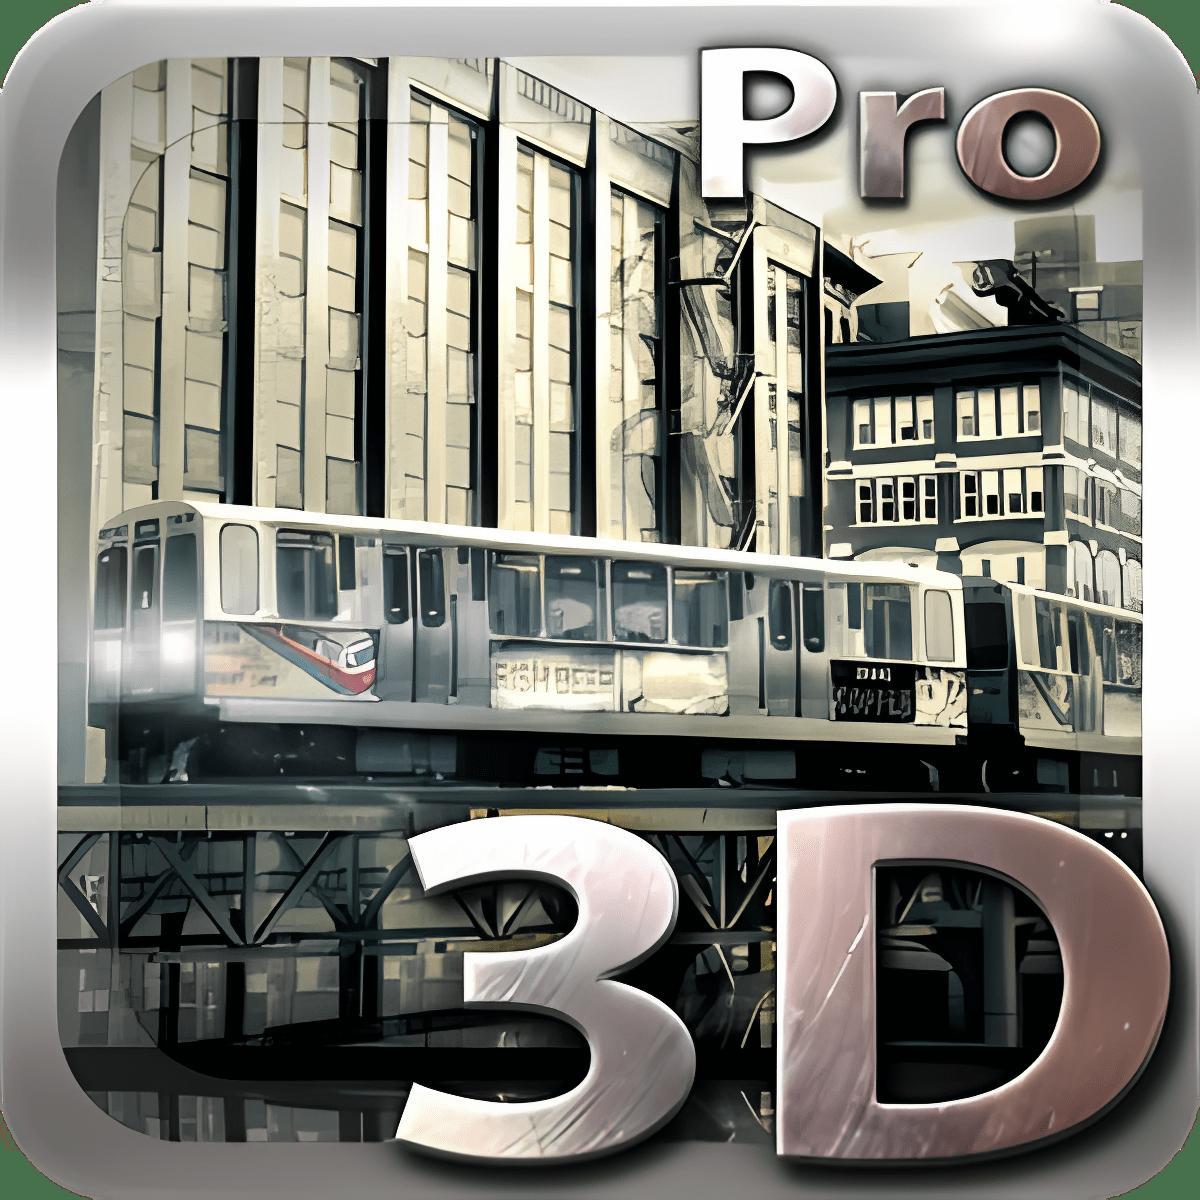 Chicago 3D Pro live wallpaper 1.2